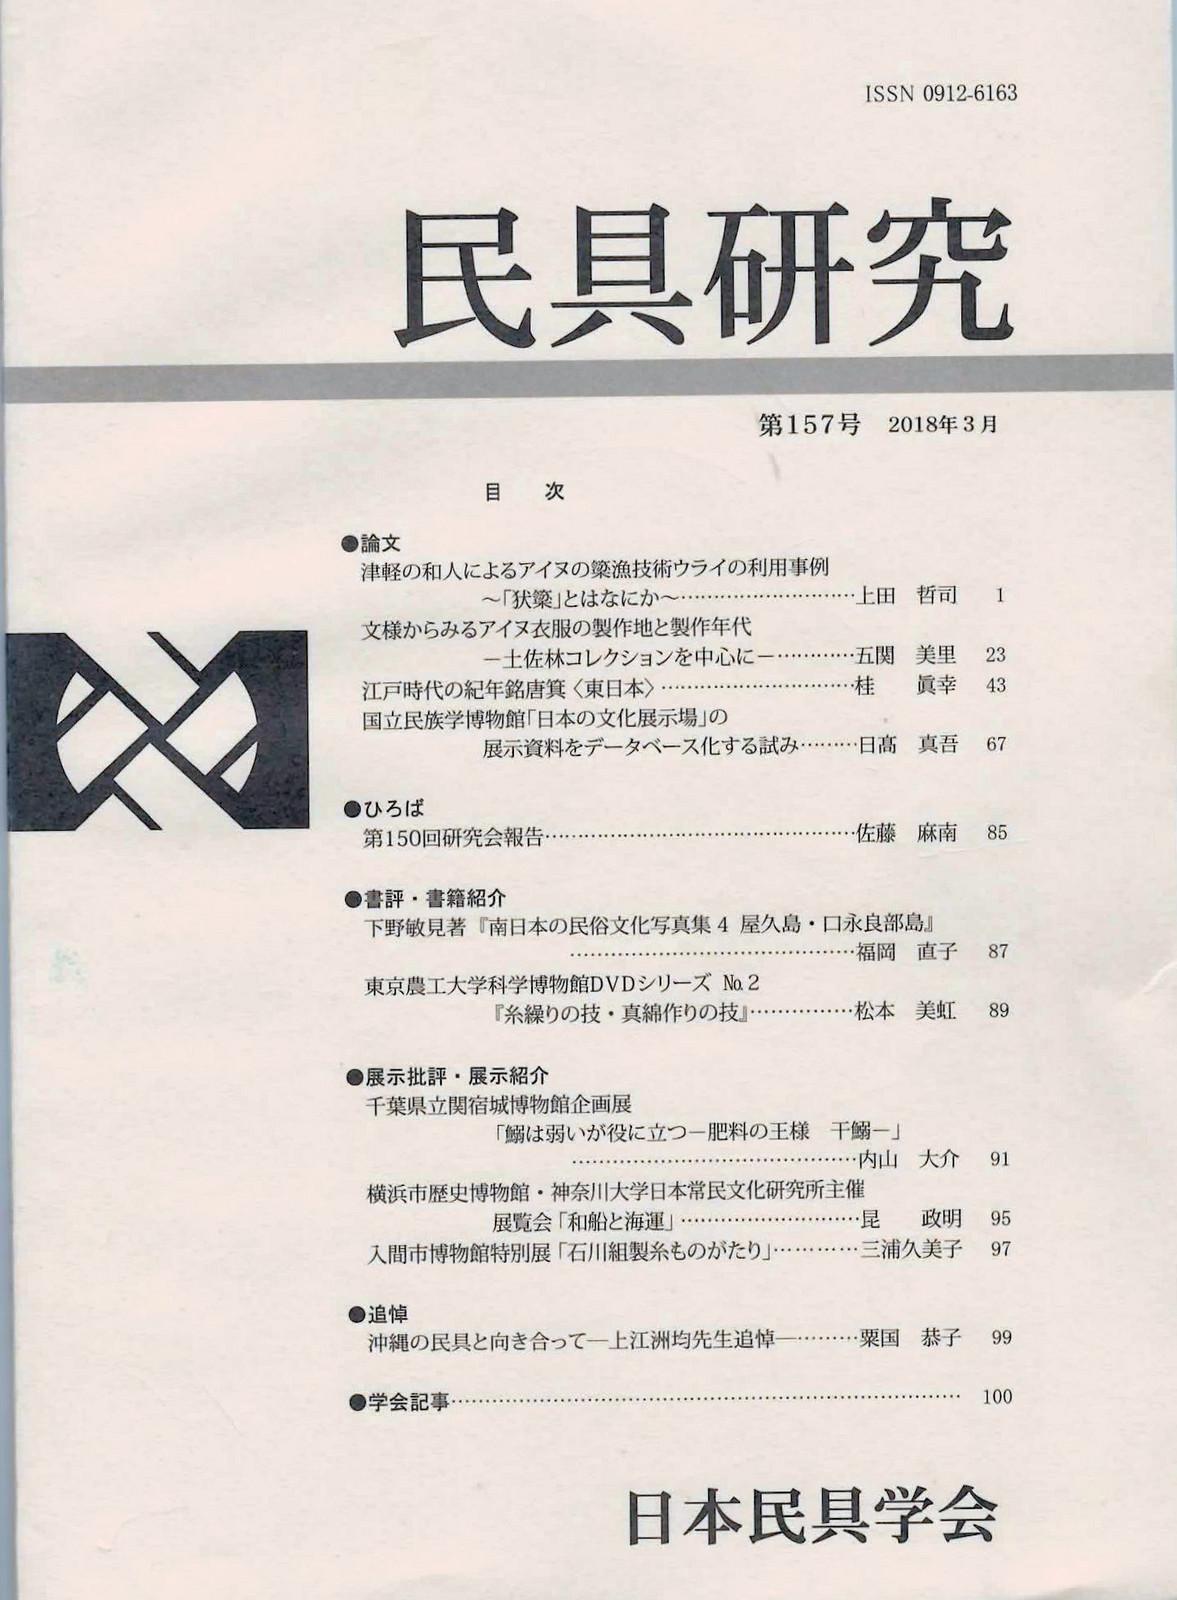 上江洲均先生 追悼文掲載 『民具研究』157号: 沖縄(琉球)文化工芸研究所